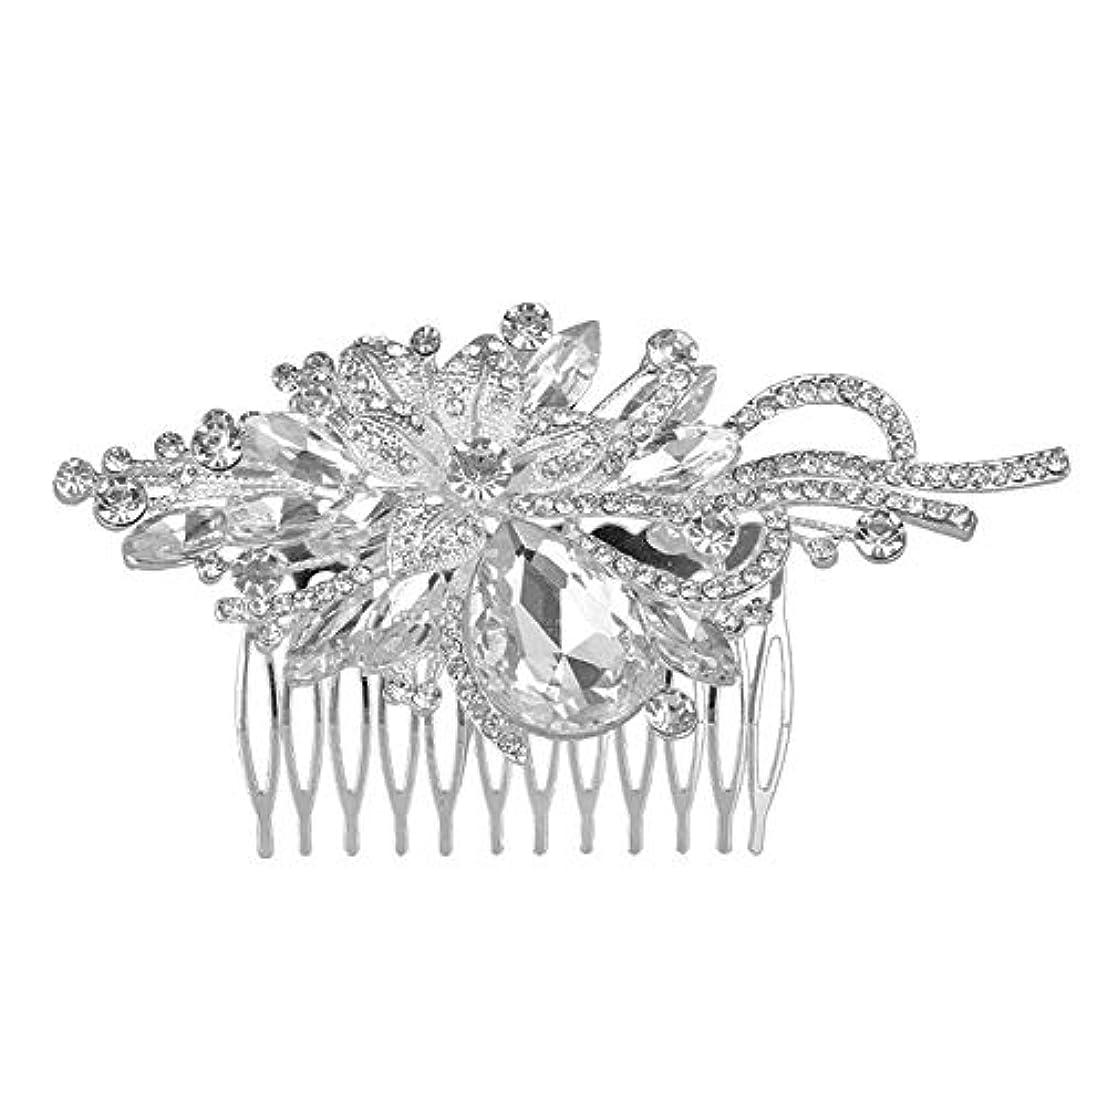 髪の櫛挿入櫛花嫁の髪櫛クラウン髪の櫛結婚式のアクセサリー葉の髪の櫛ラインストーンの髪の櫛ブライダルヘッドドレス